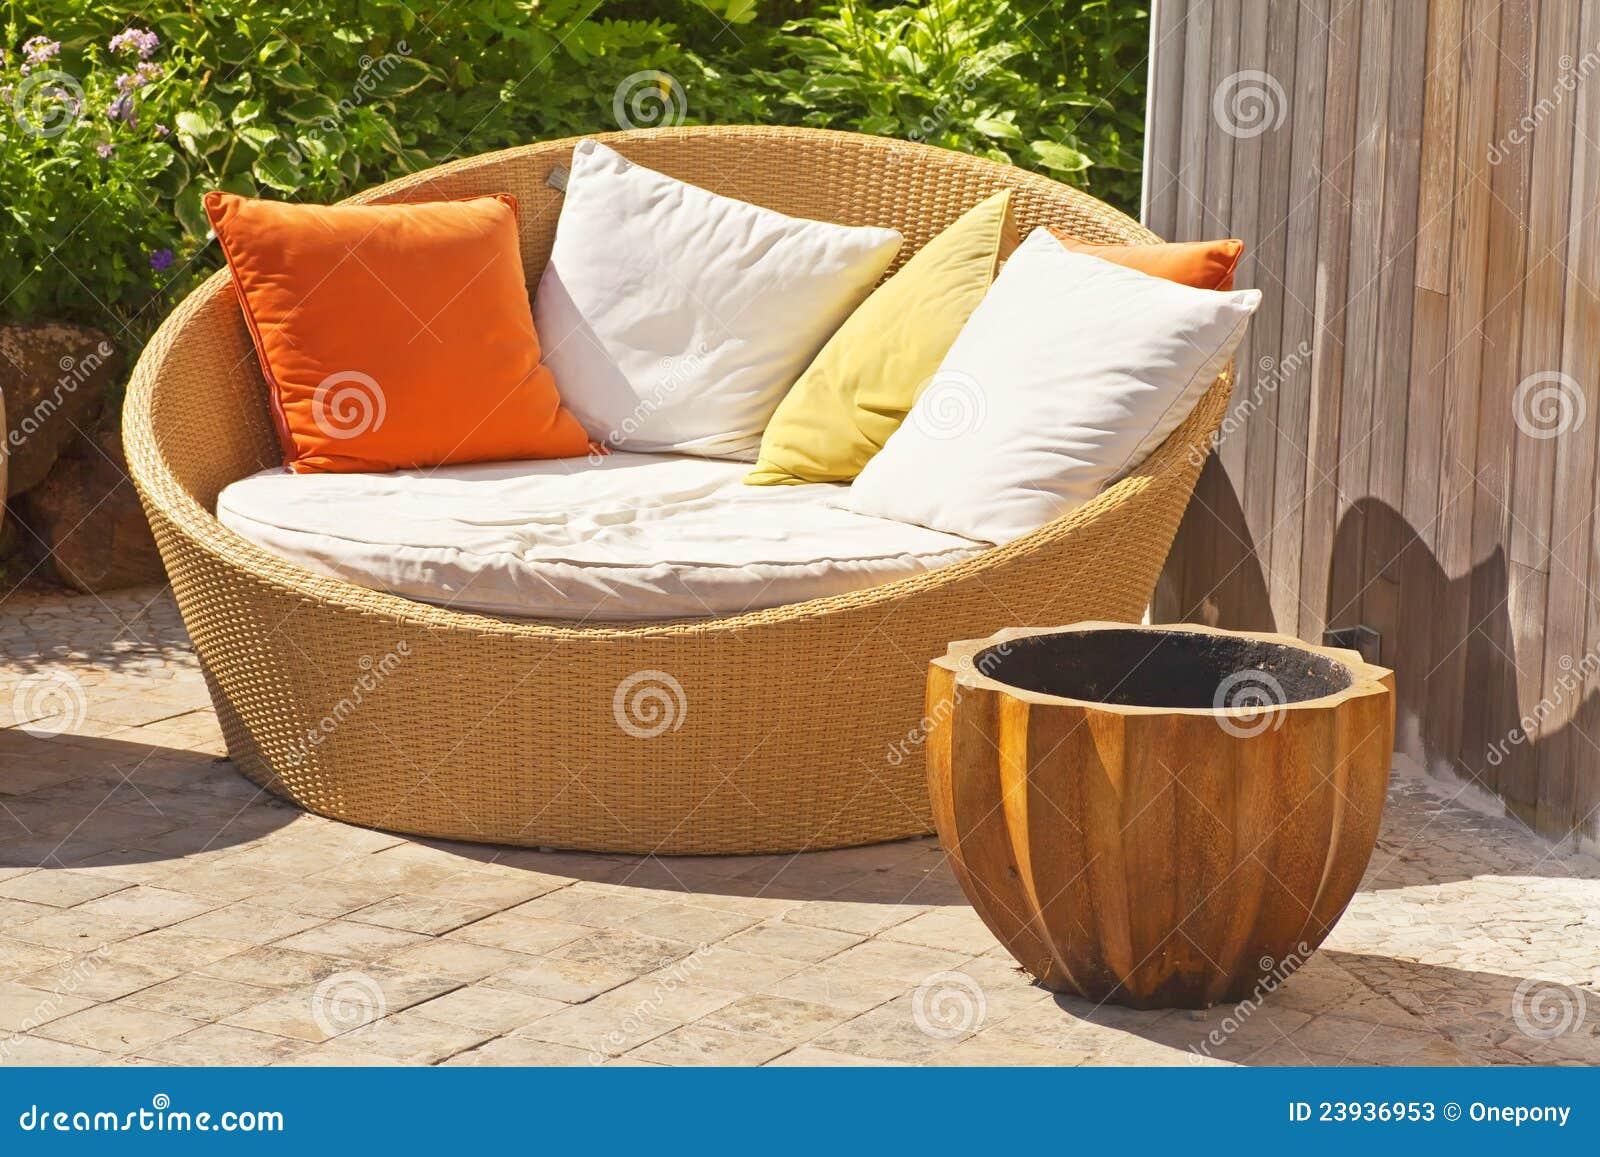 Muebles De Mimbre Baratos Rotin Design Lote De Sillones De Mimbre  # Muebles Mimbre Baratos